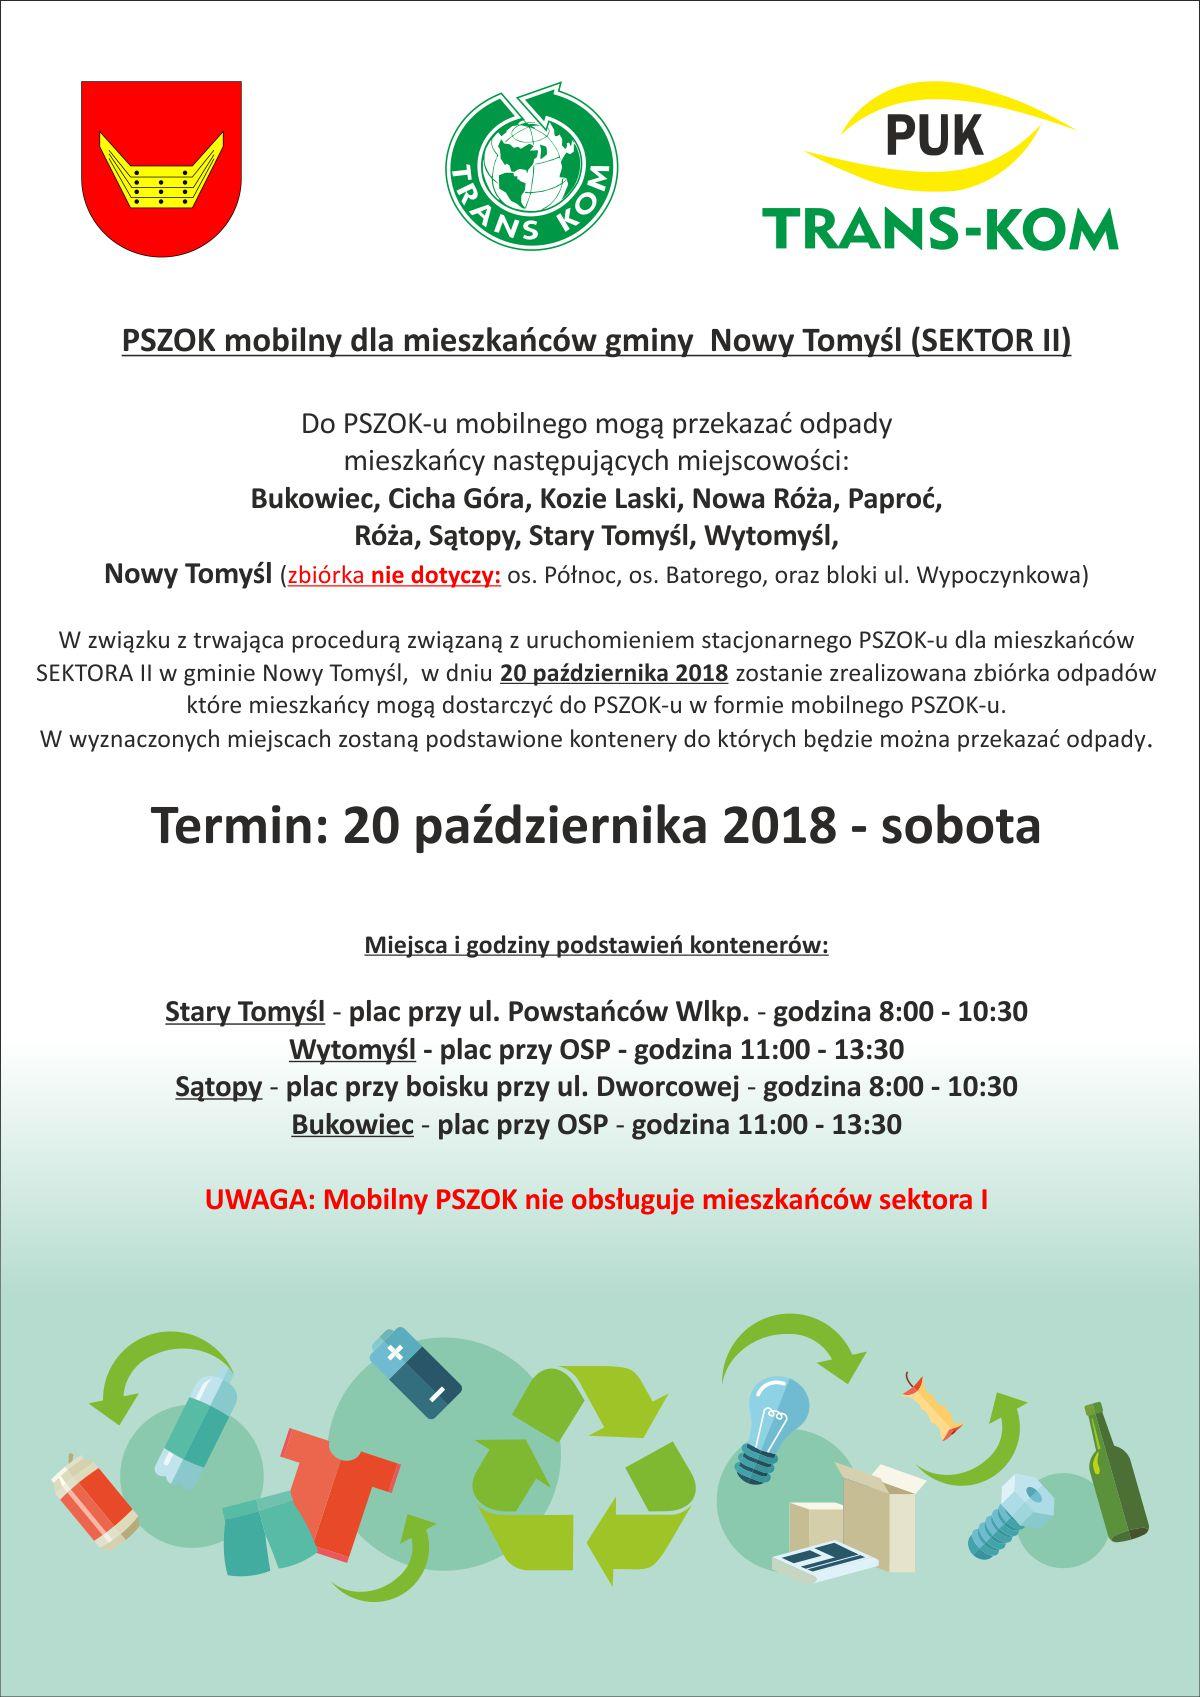 PSZOK mobilny dla mieszkańców sektora II